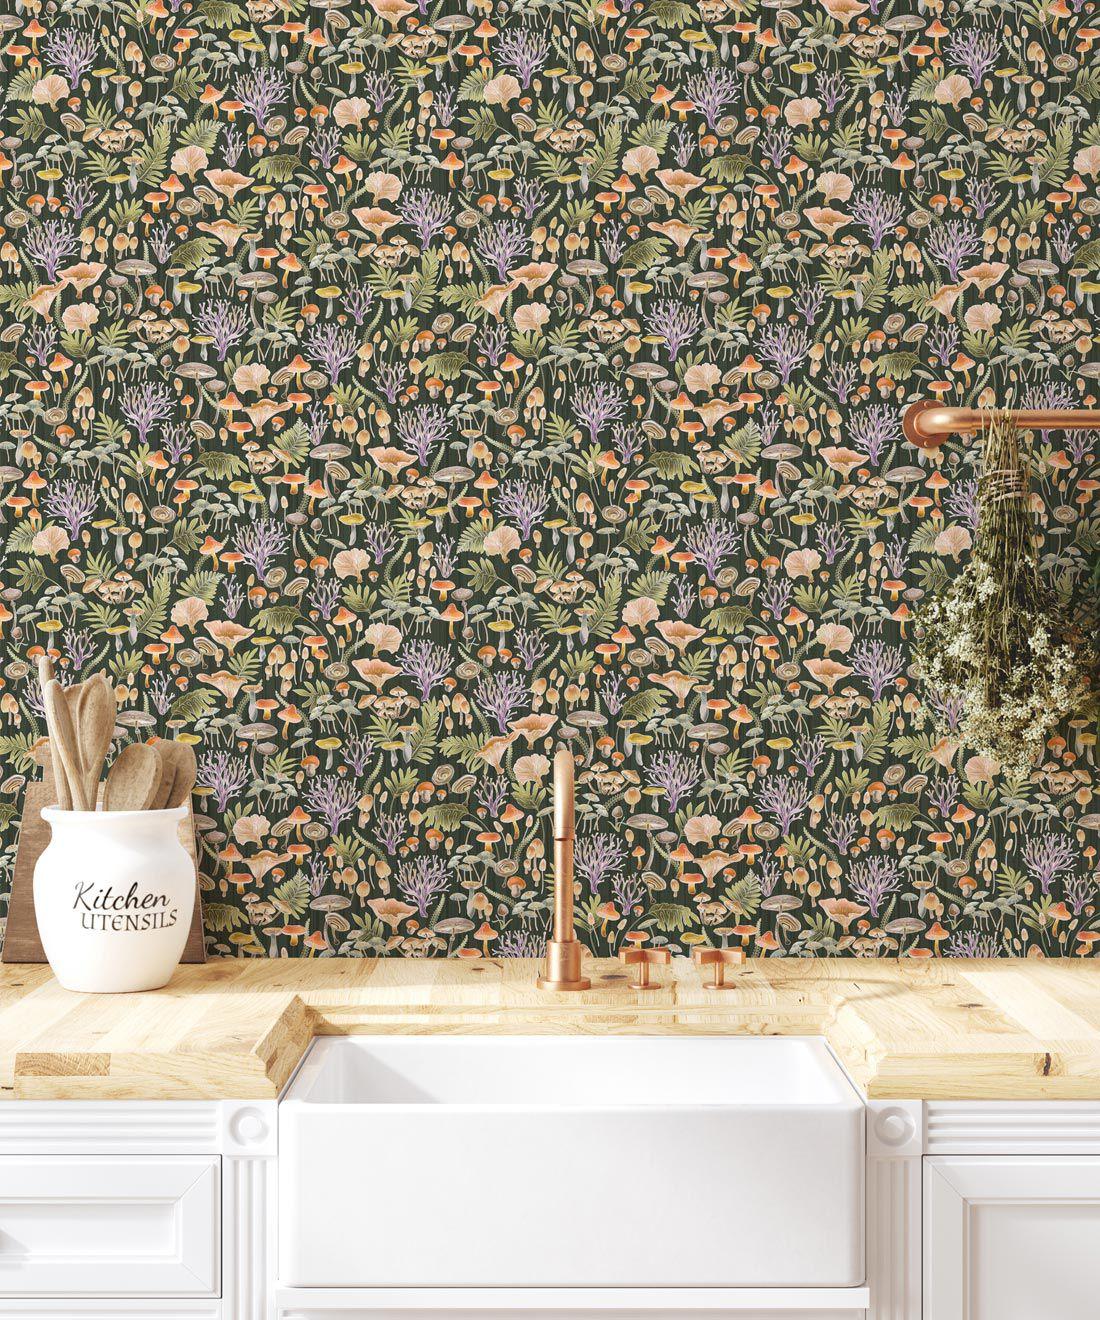 Fungi Wallpaper • Eloise Short • Vintage Floral Wallpaper •Granny Chic Wallpaper • Grandmillennial Style Wallpaper •Olive •Insitu